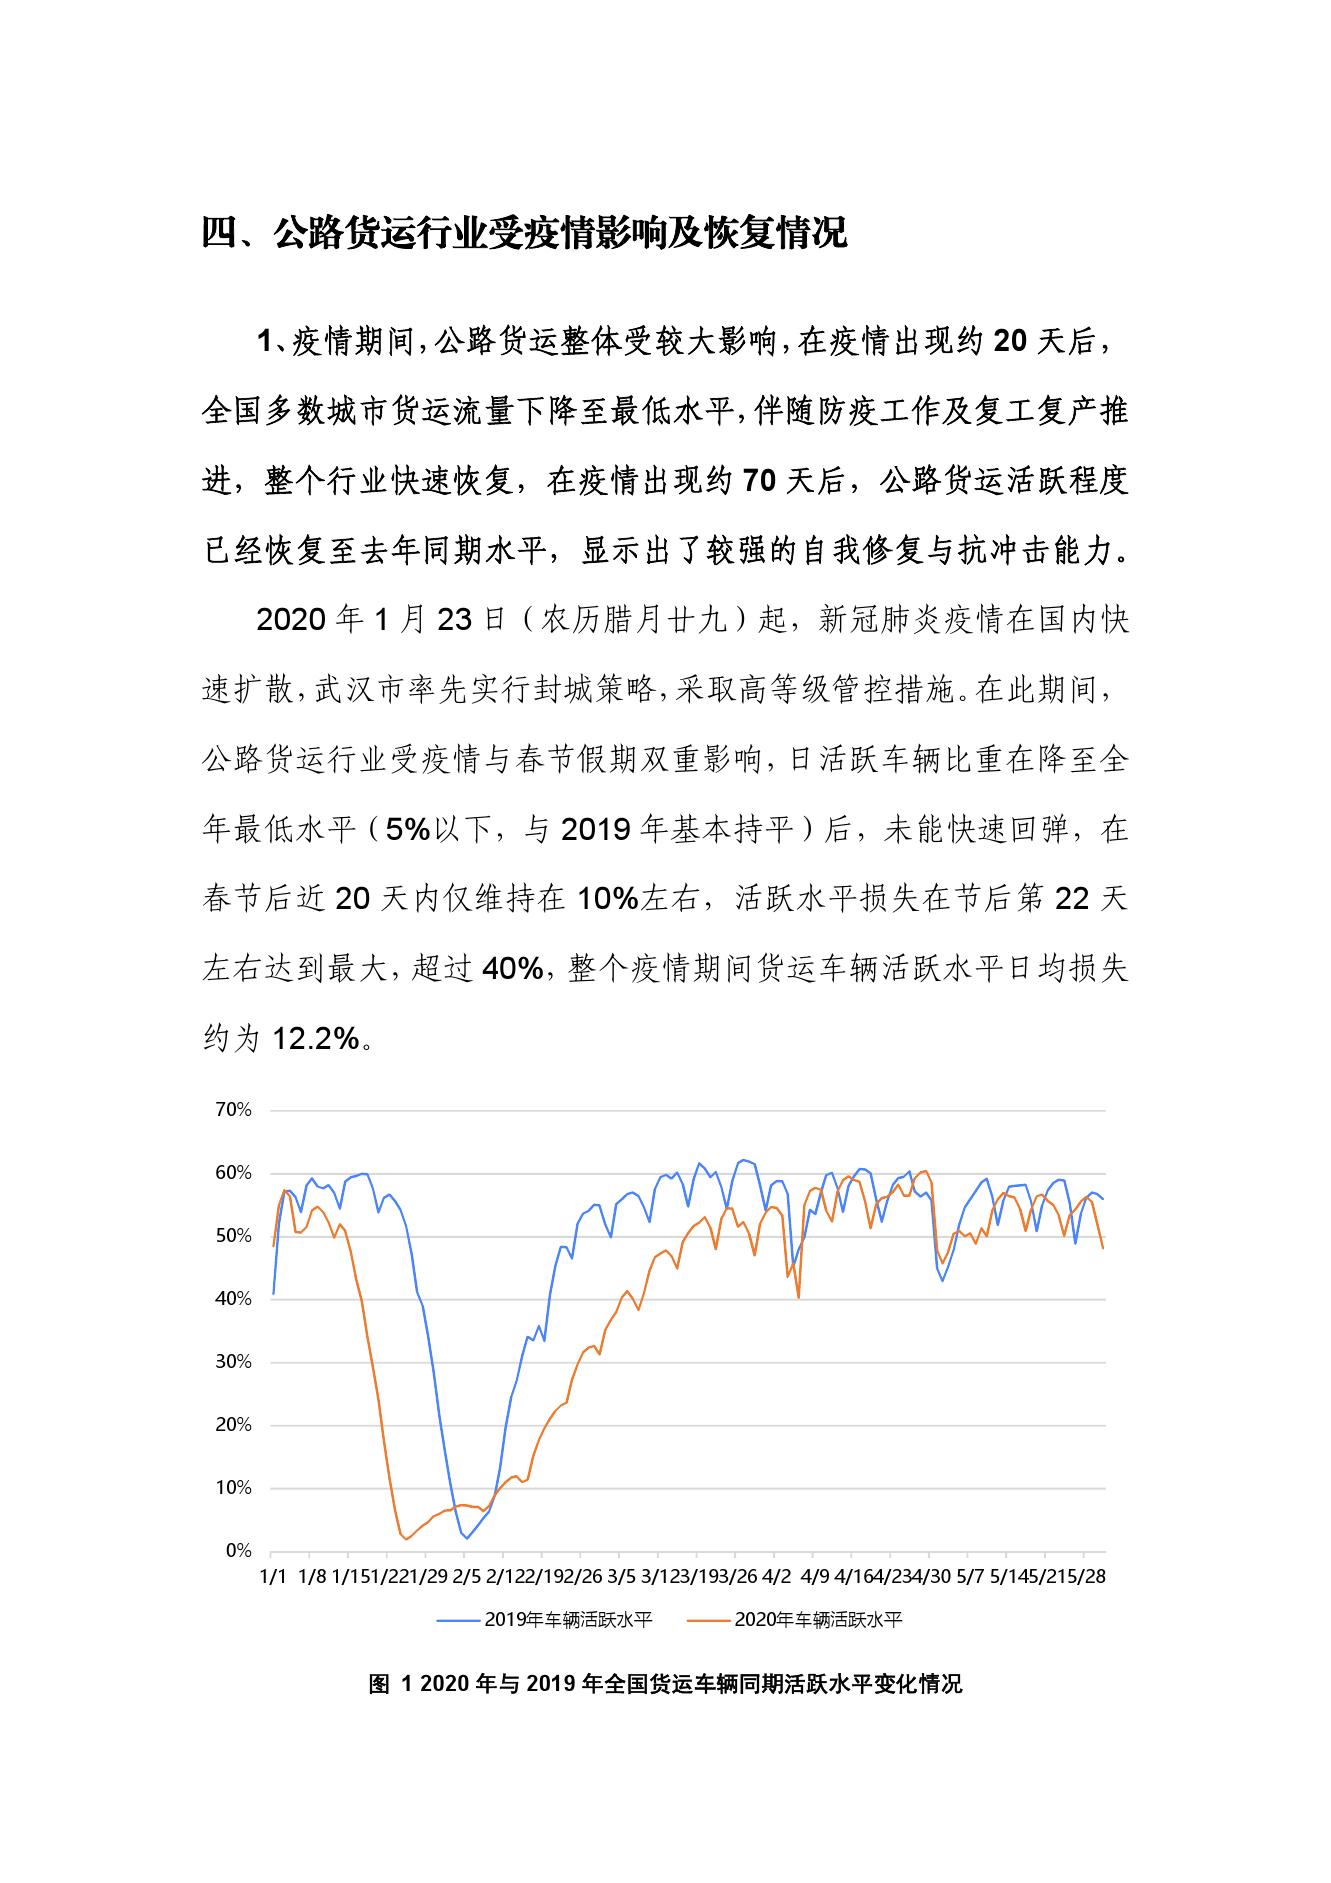 长安大学:中国公路货运疫情影响分析简报(可下载报告)插图(11)